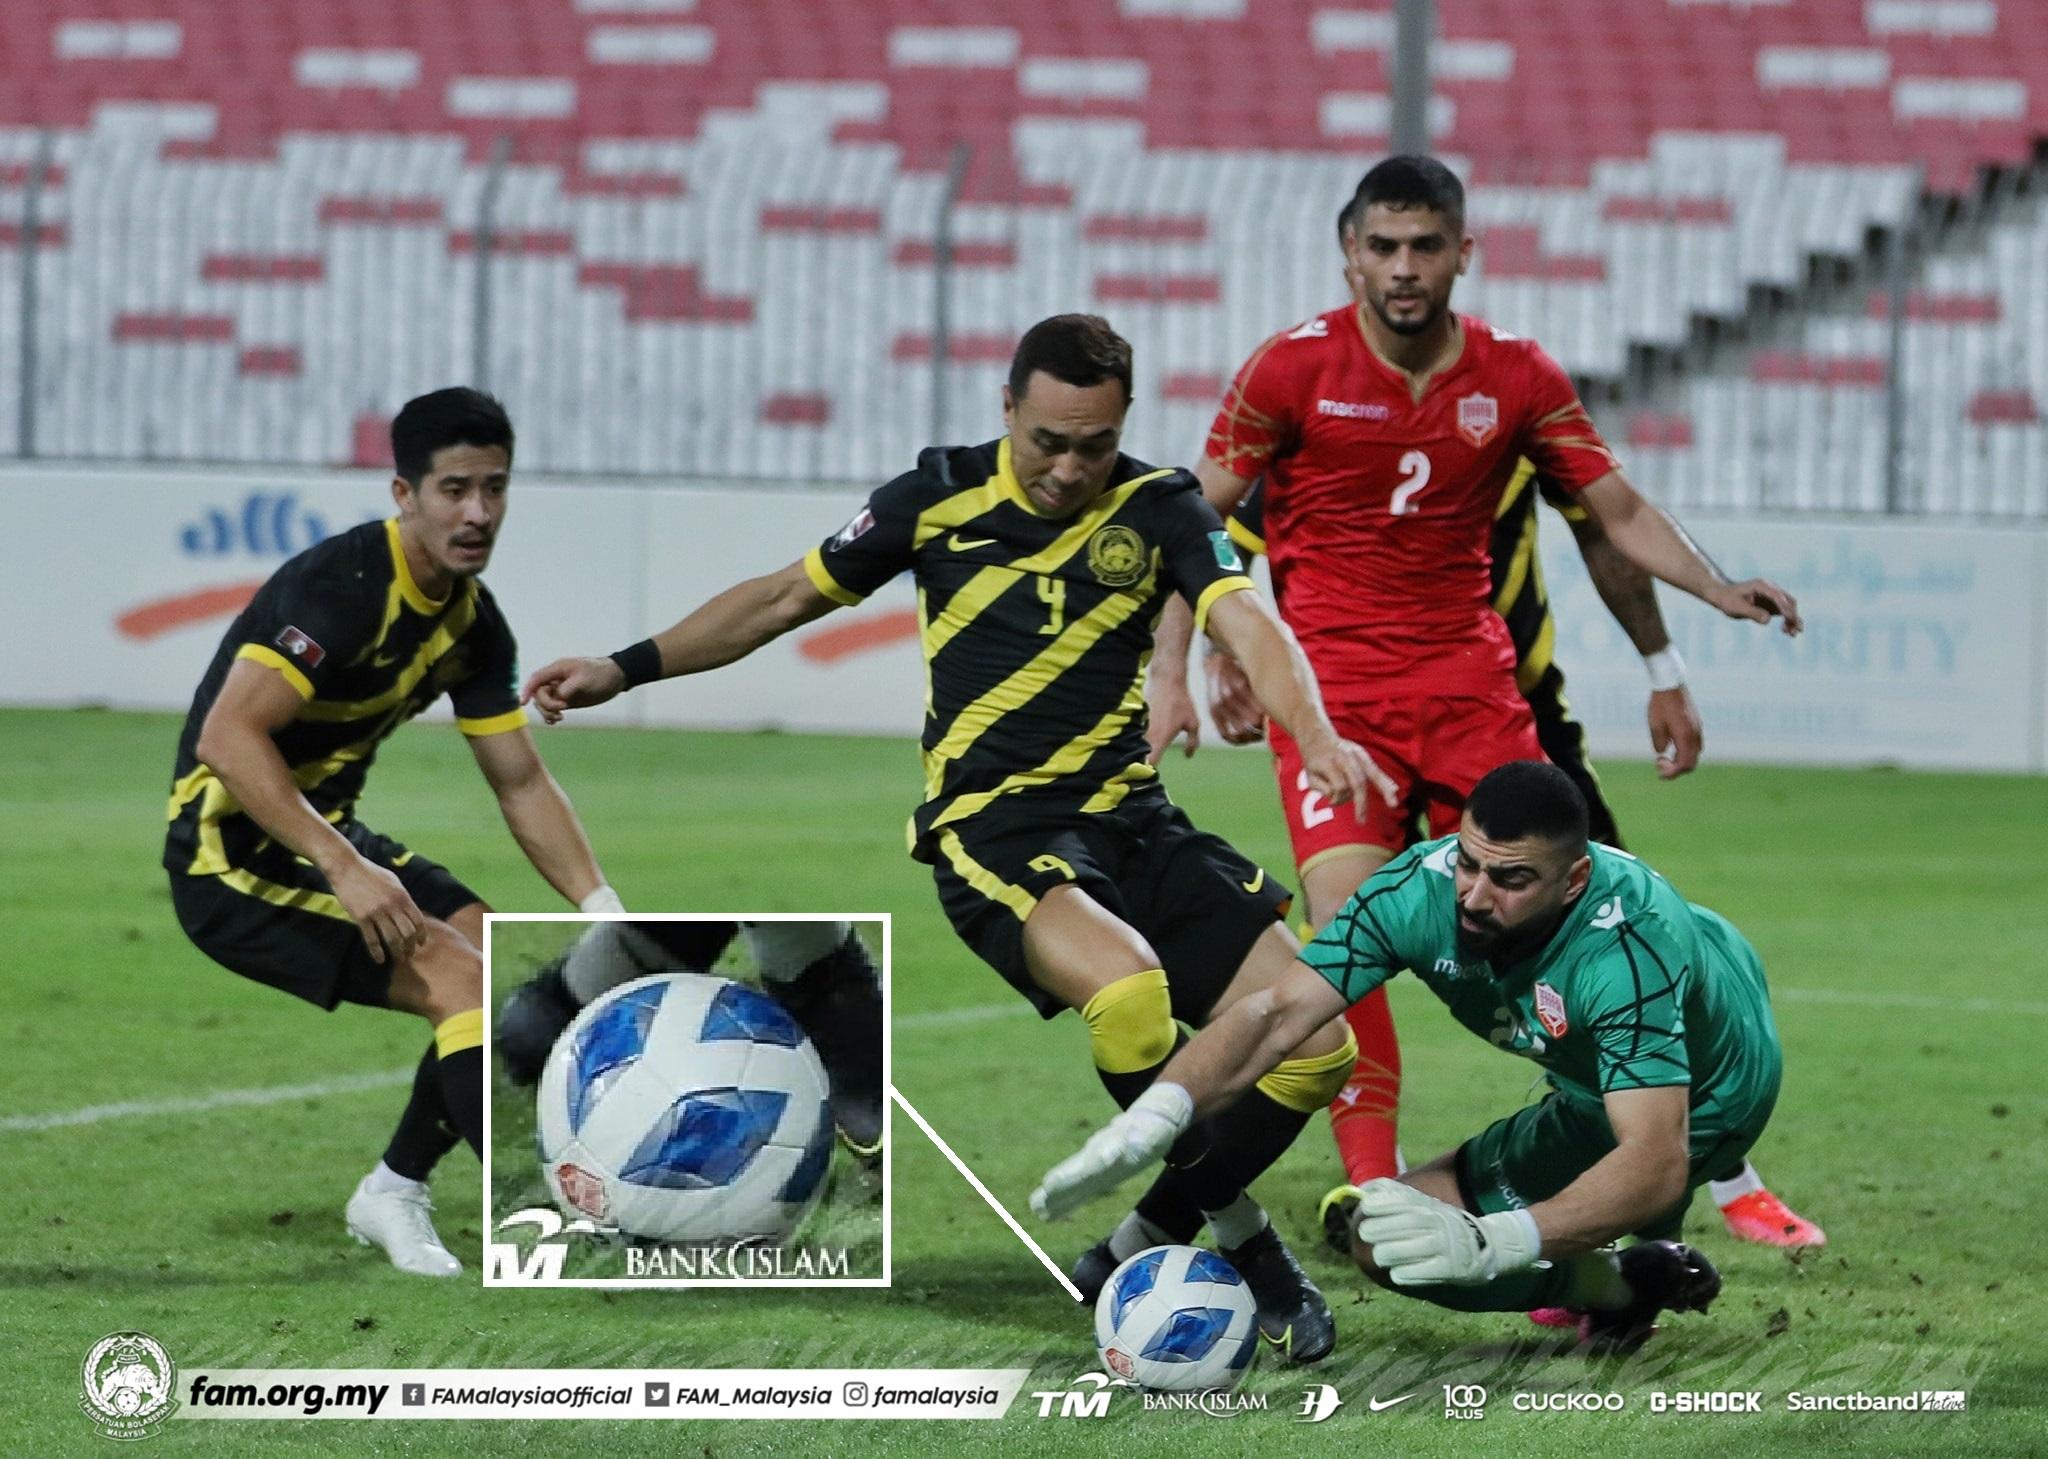 Persahabatan Malaysia Bahrain Bola Molten 2021